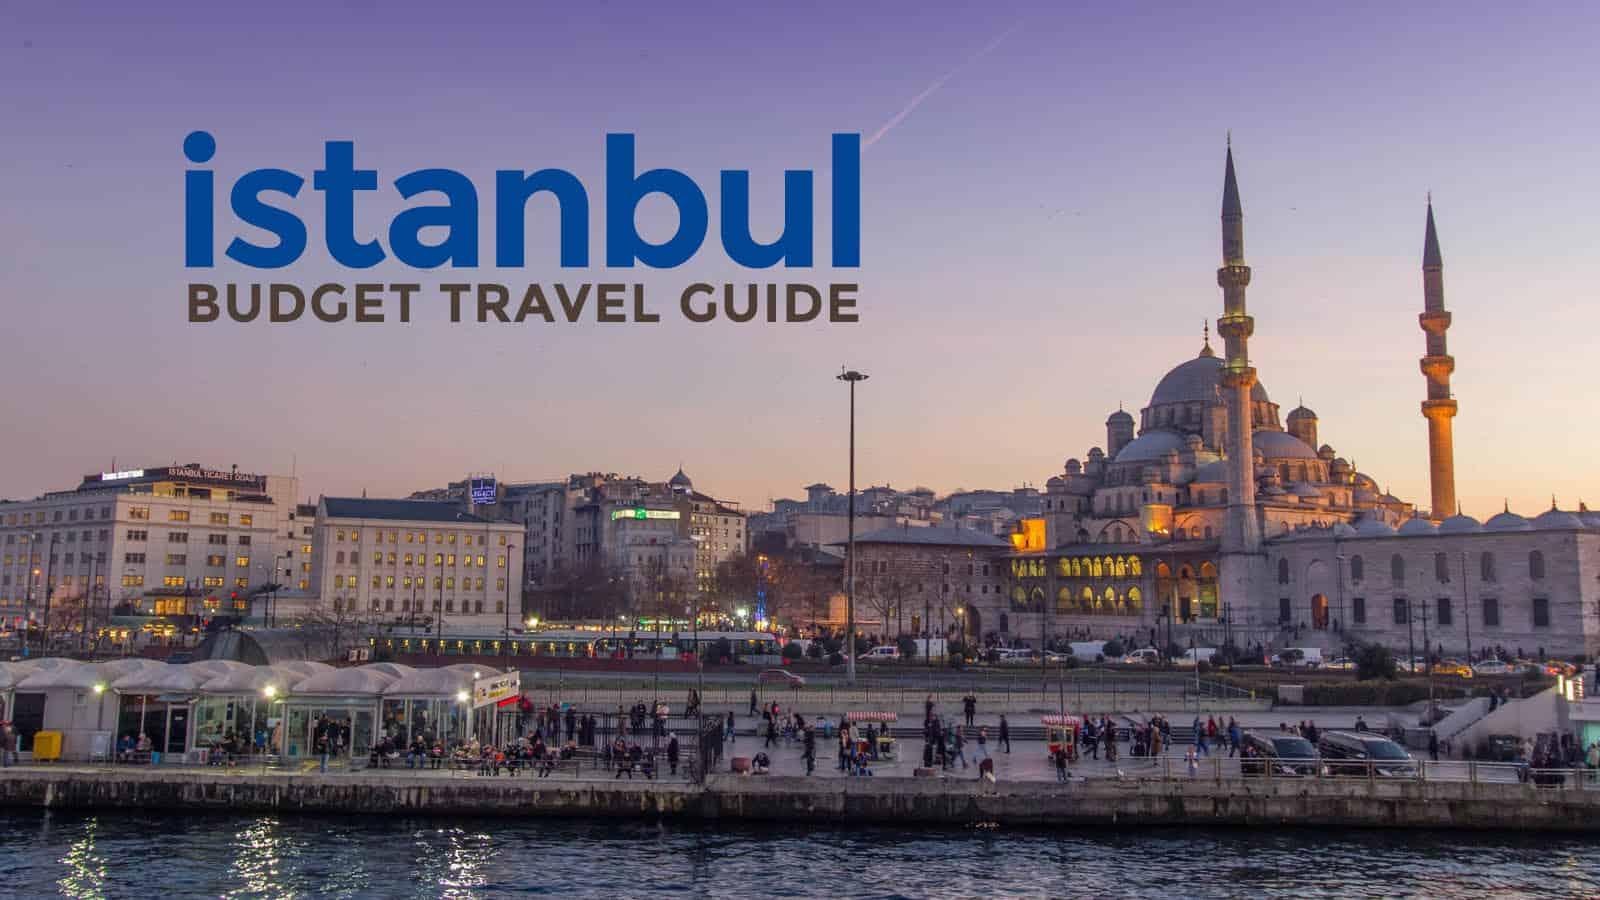 伊斯坦布尔的预算:旅行指南和行程表